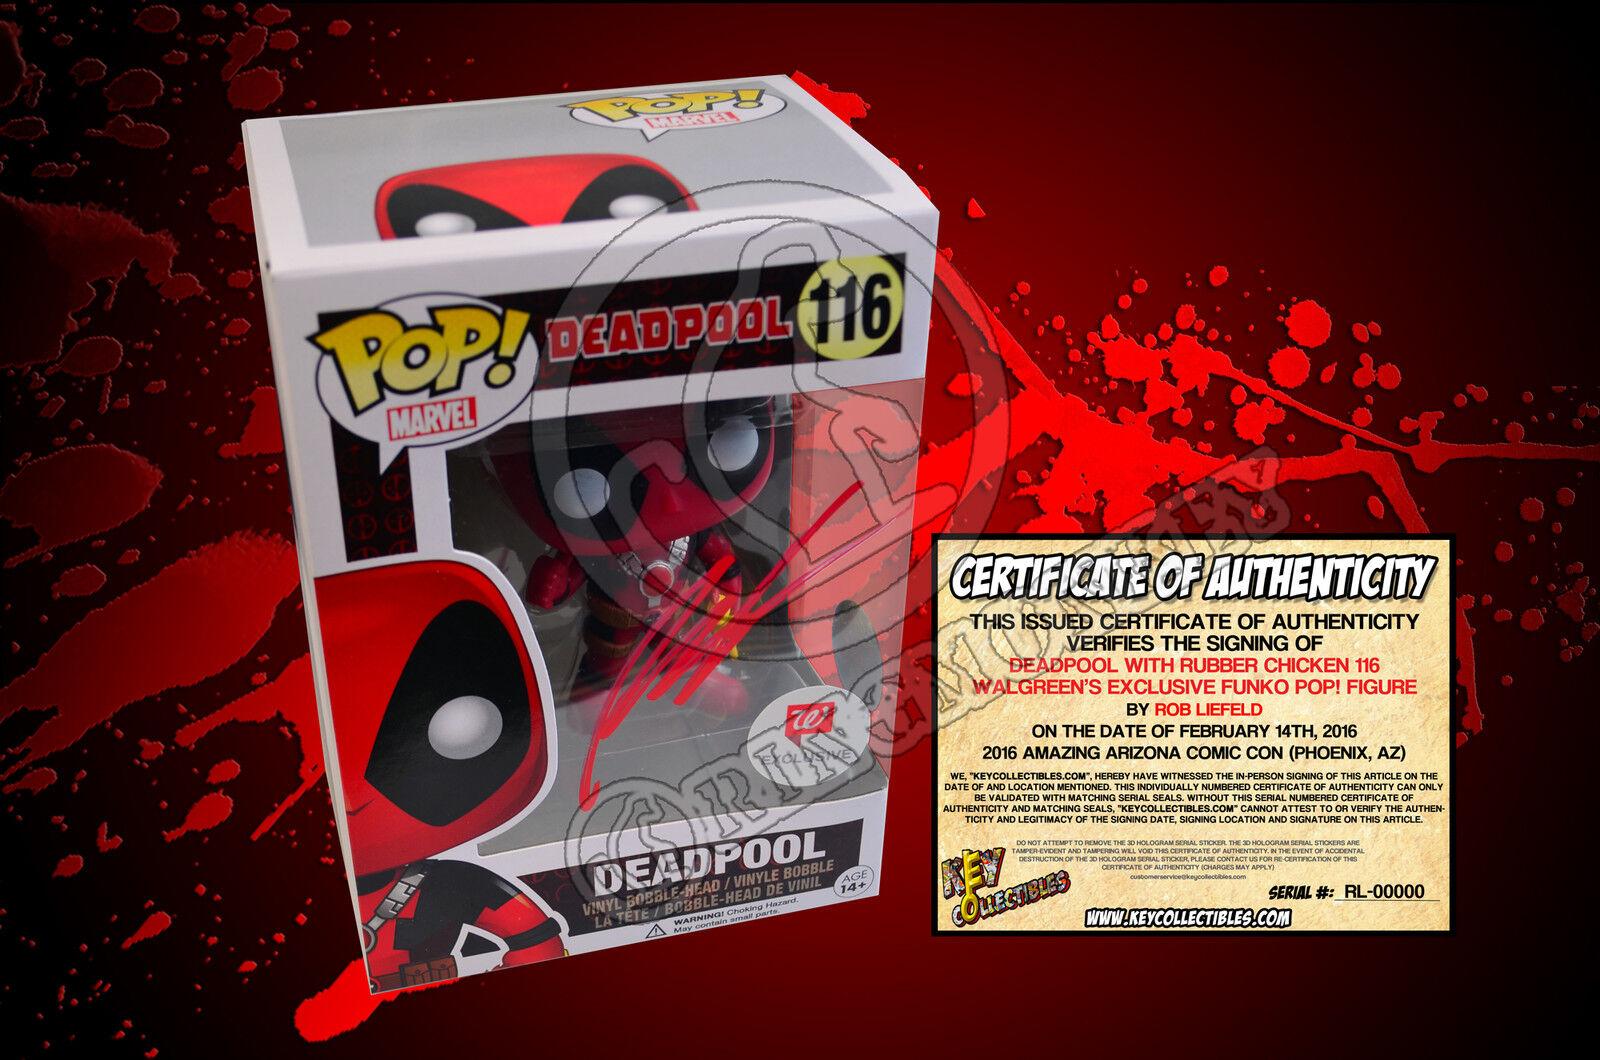 Deadpool Con Pollo De Goma De 116 Walverdes Exclusive Pop-Firmado Por Rob Liefeld